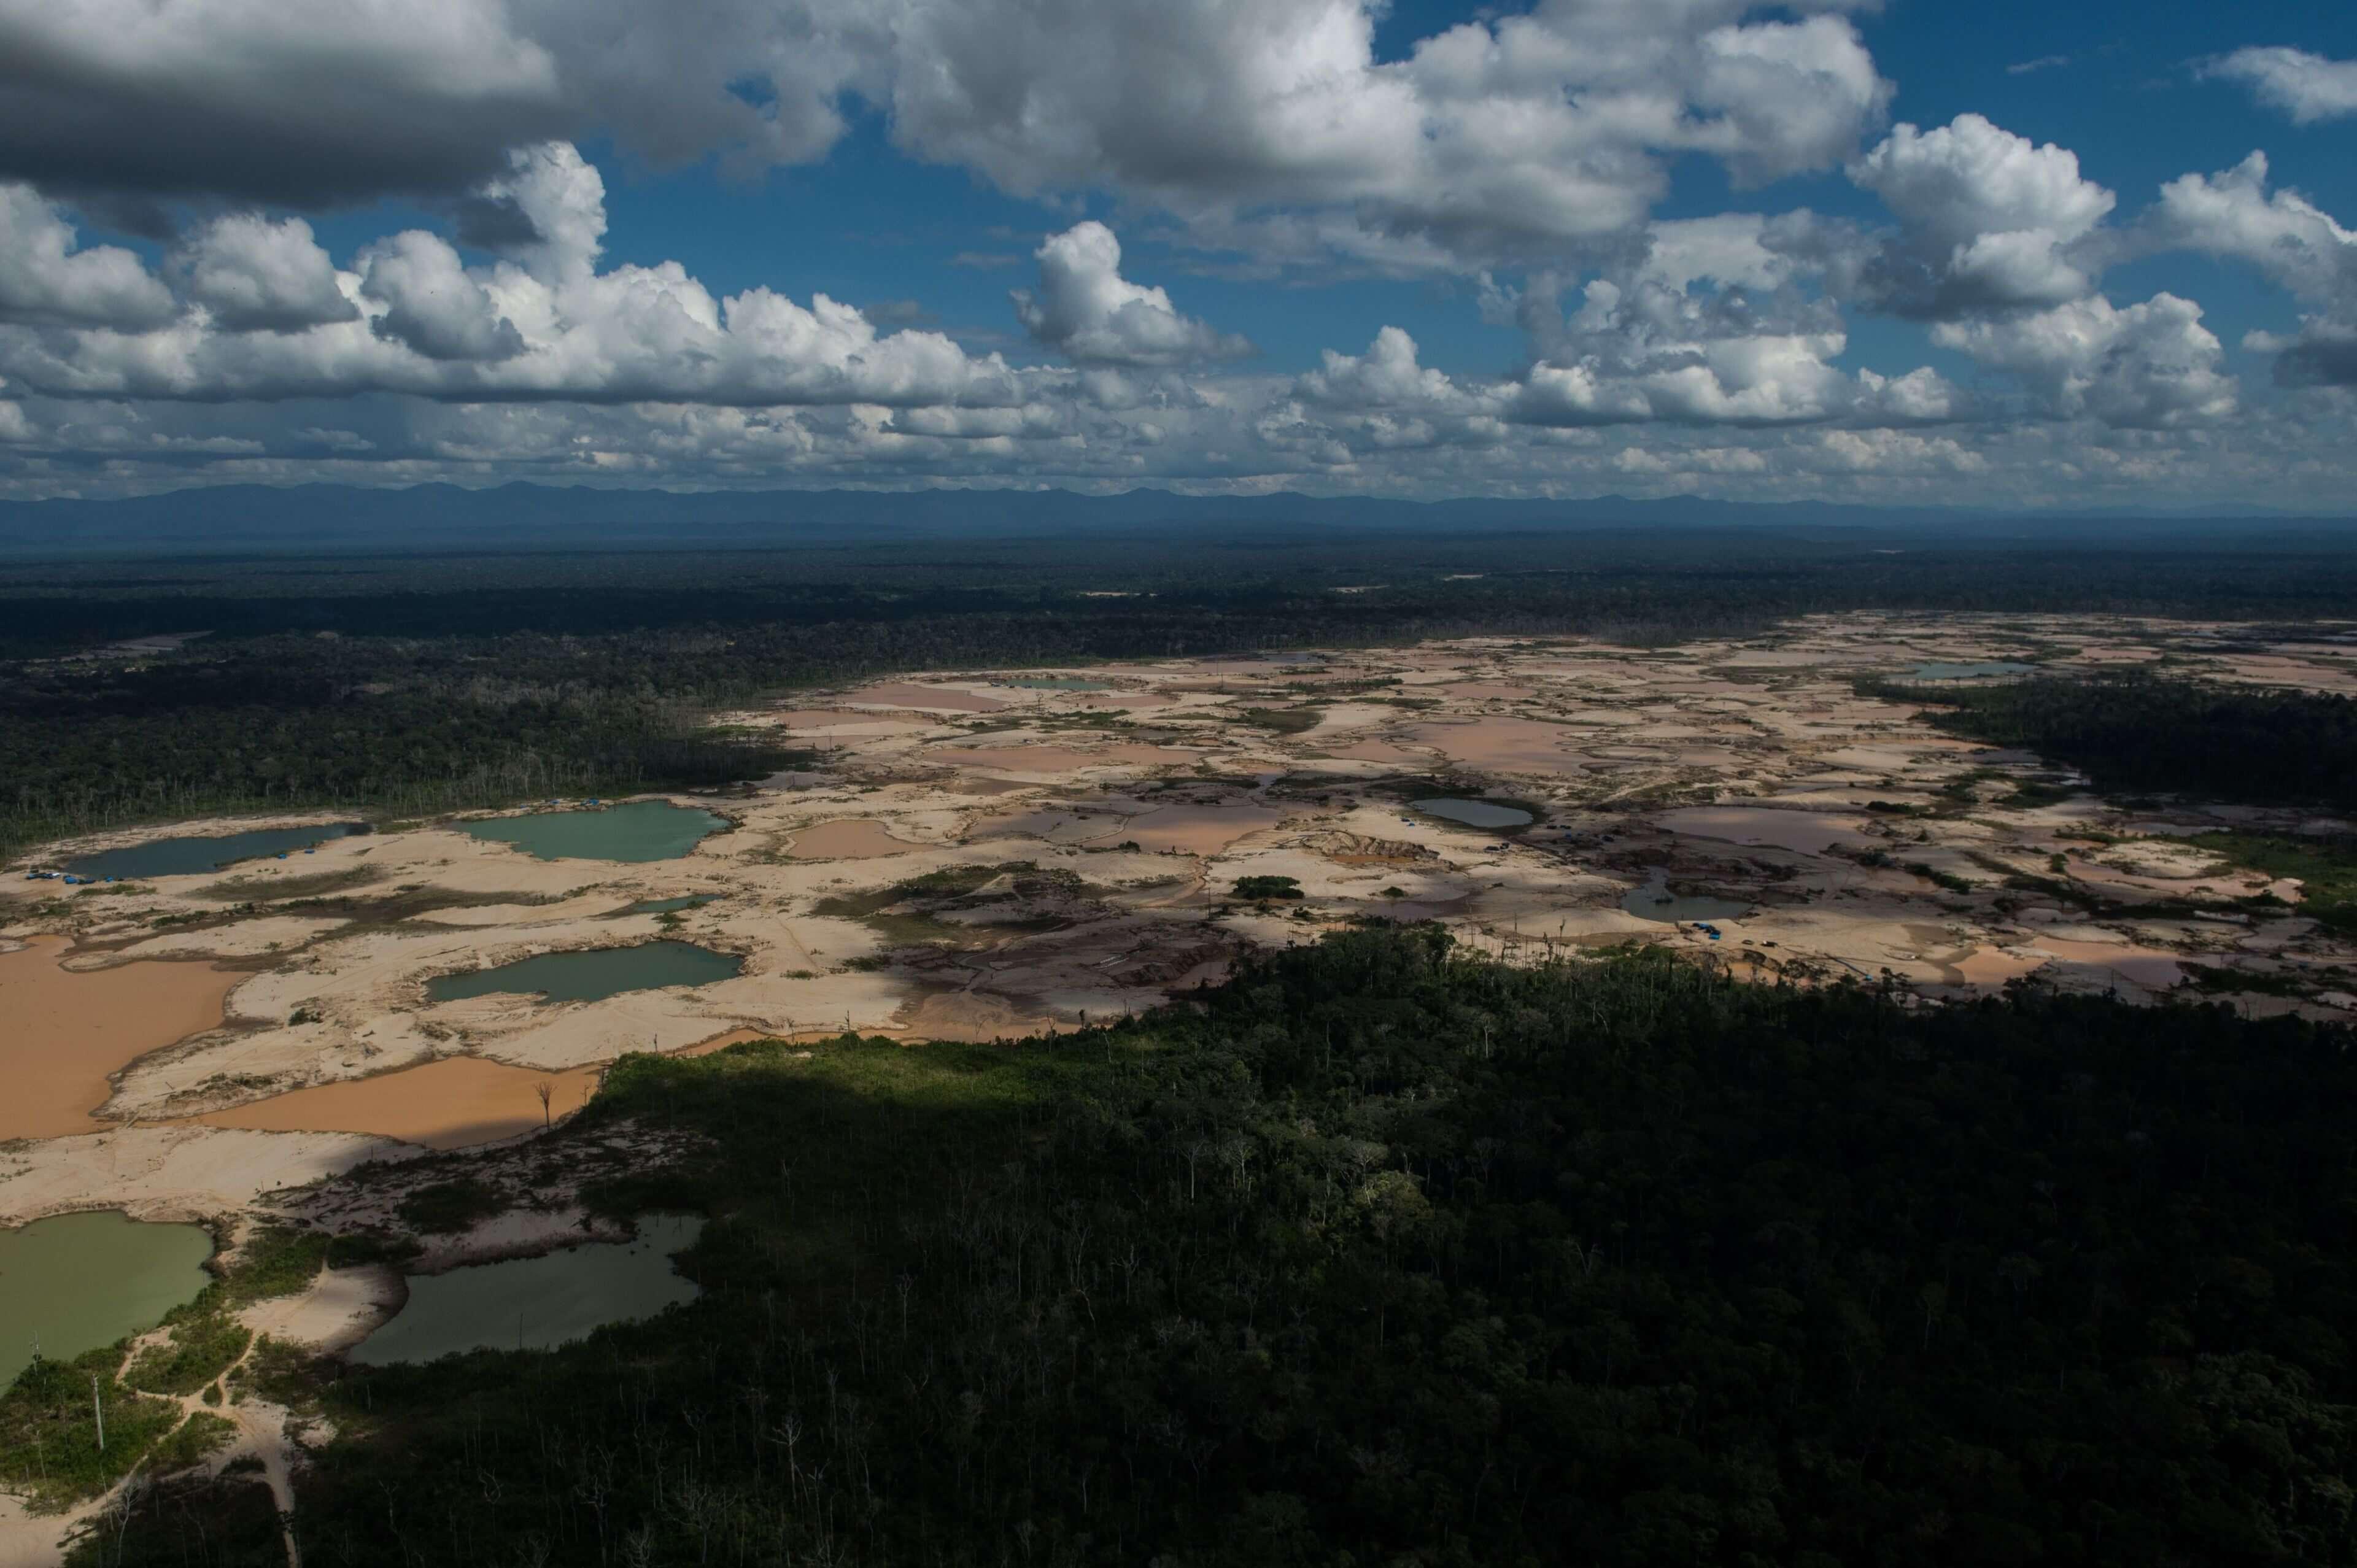 Vista aerea del enclave minero de La Pampa, en Peru